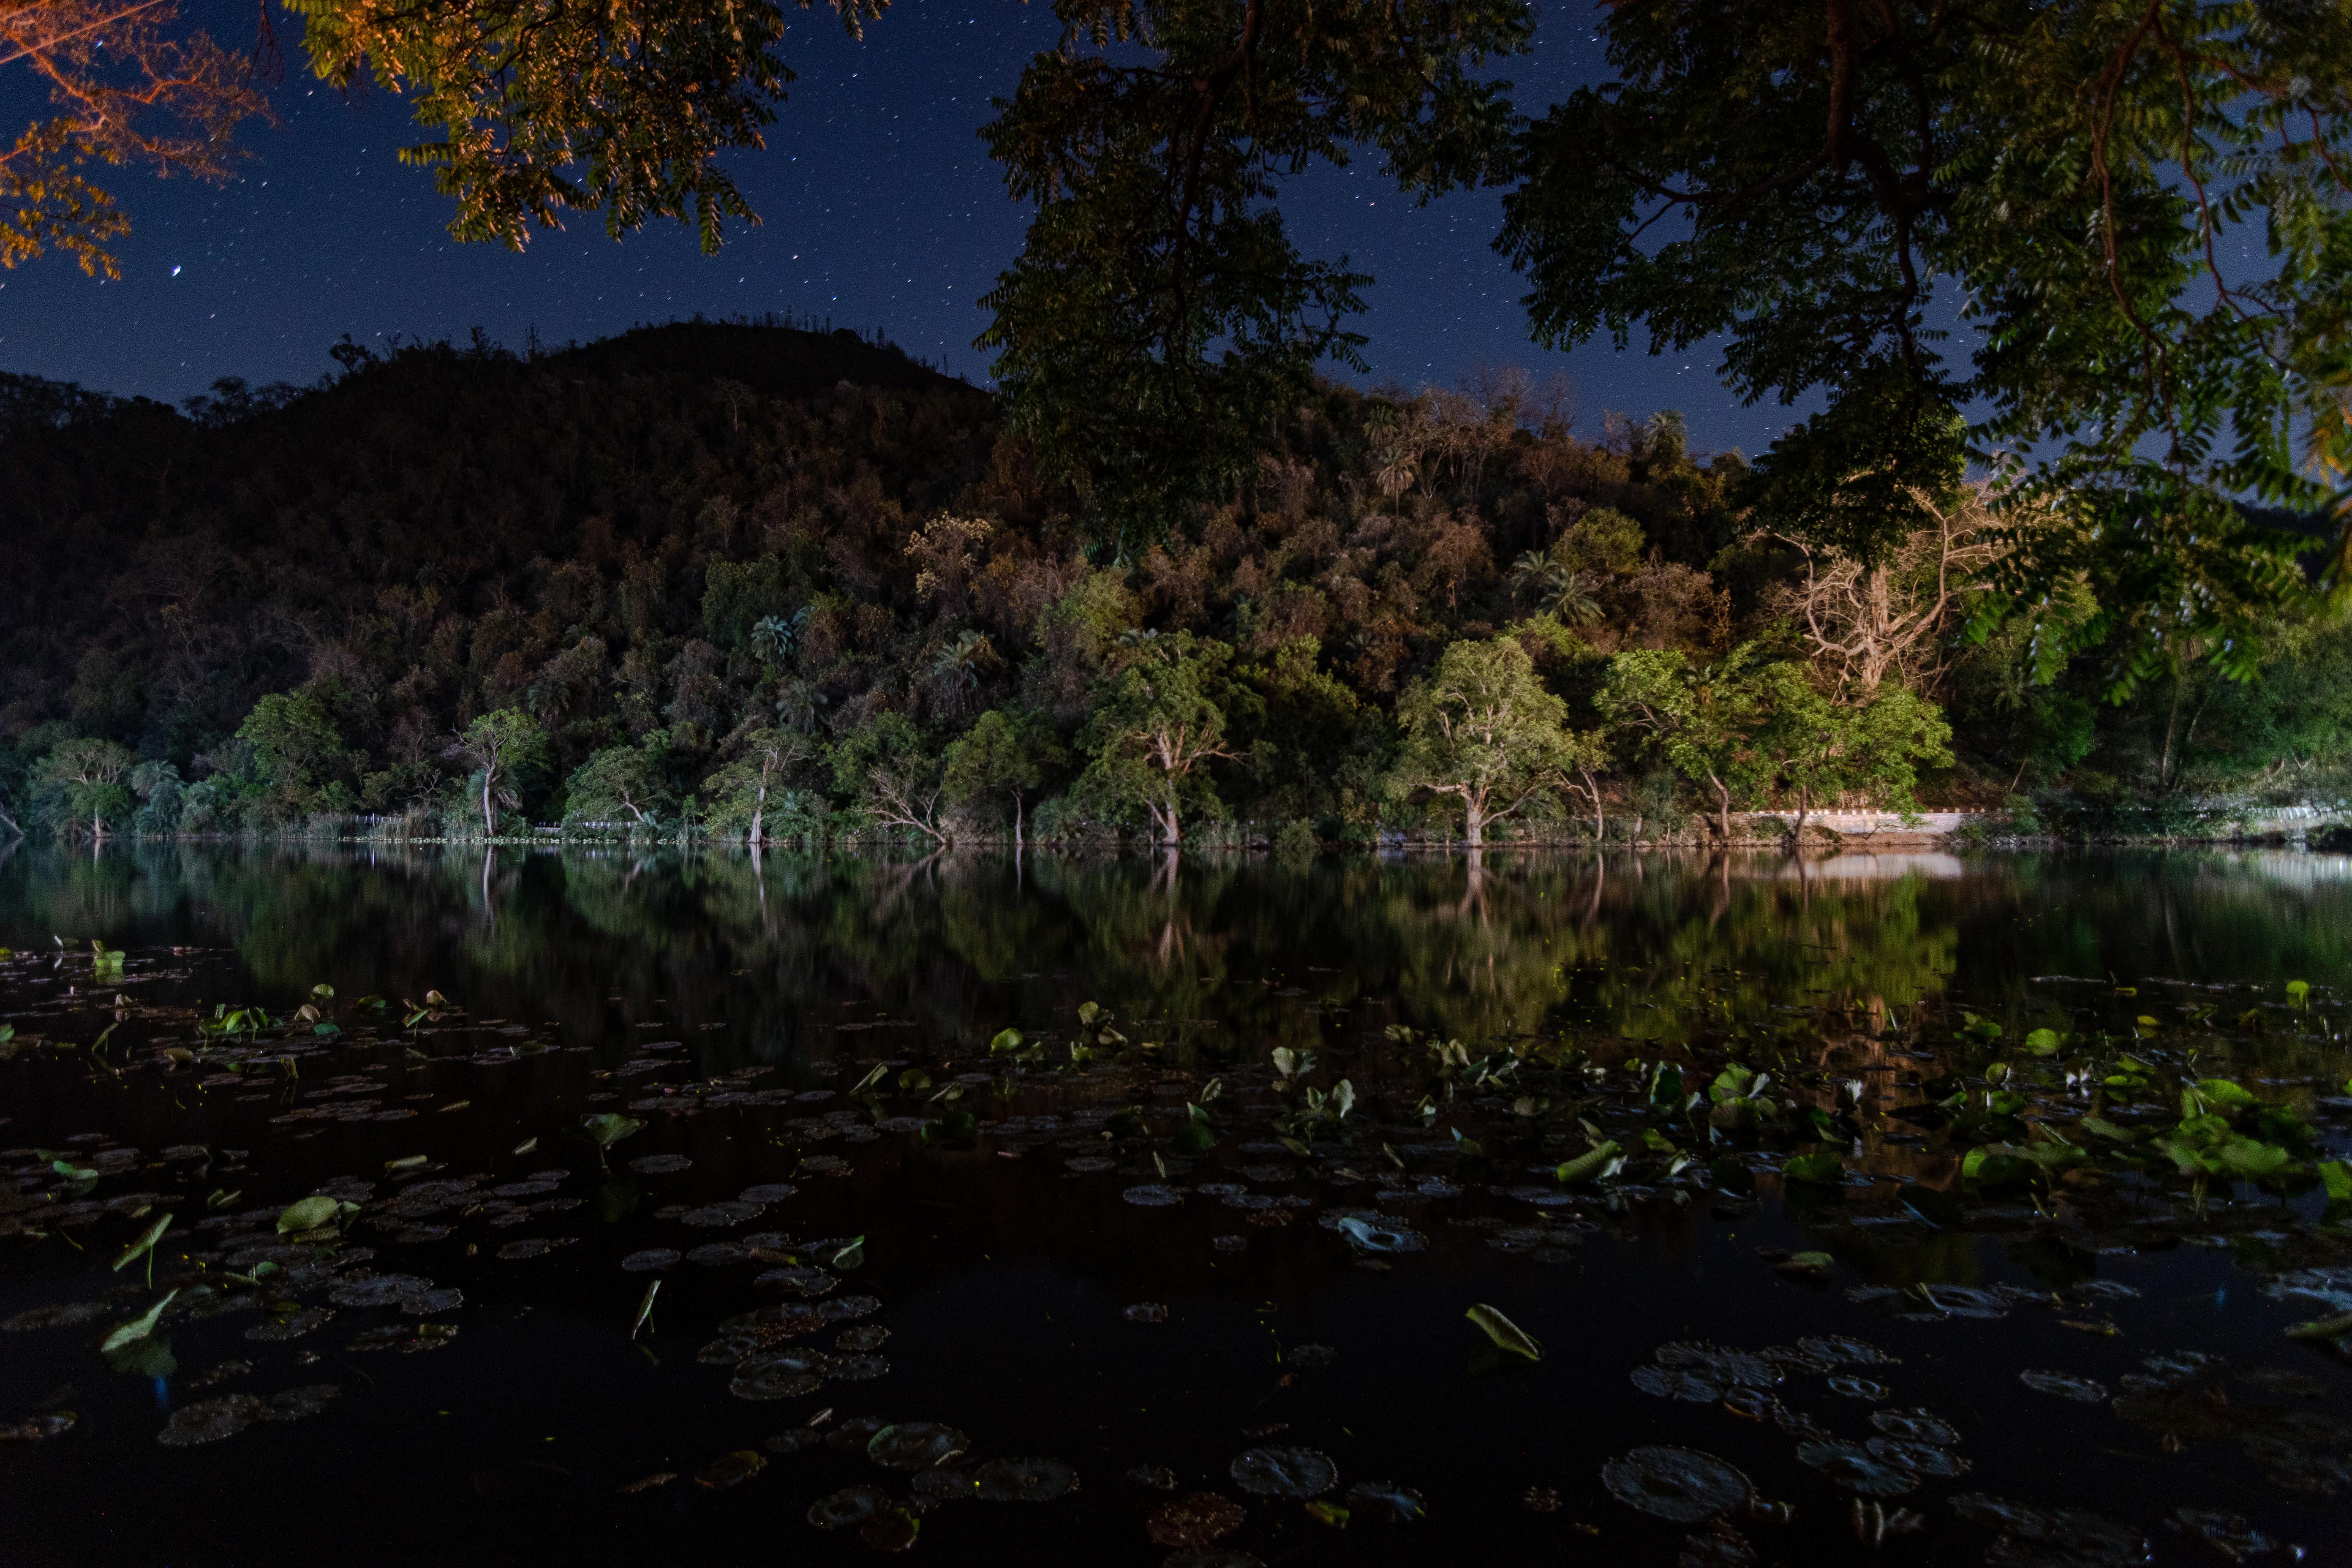 Renuka lake at night